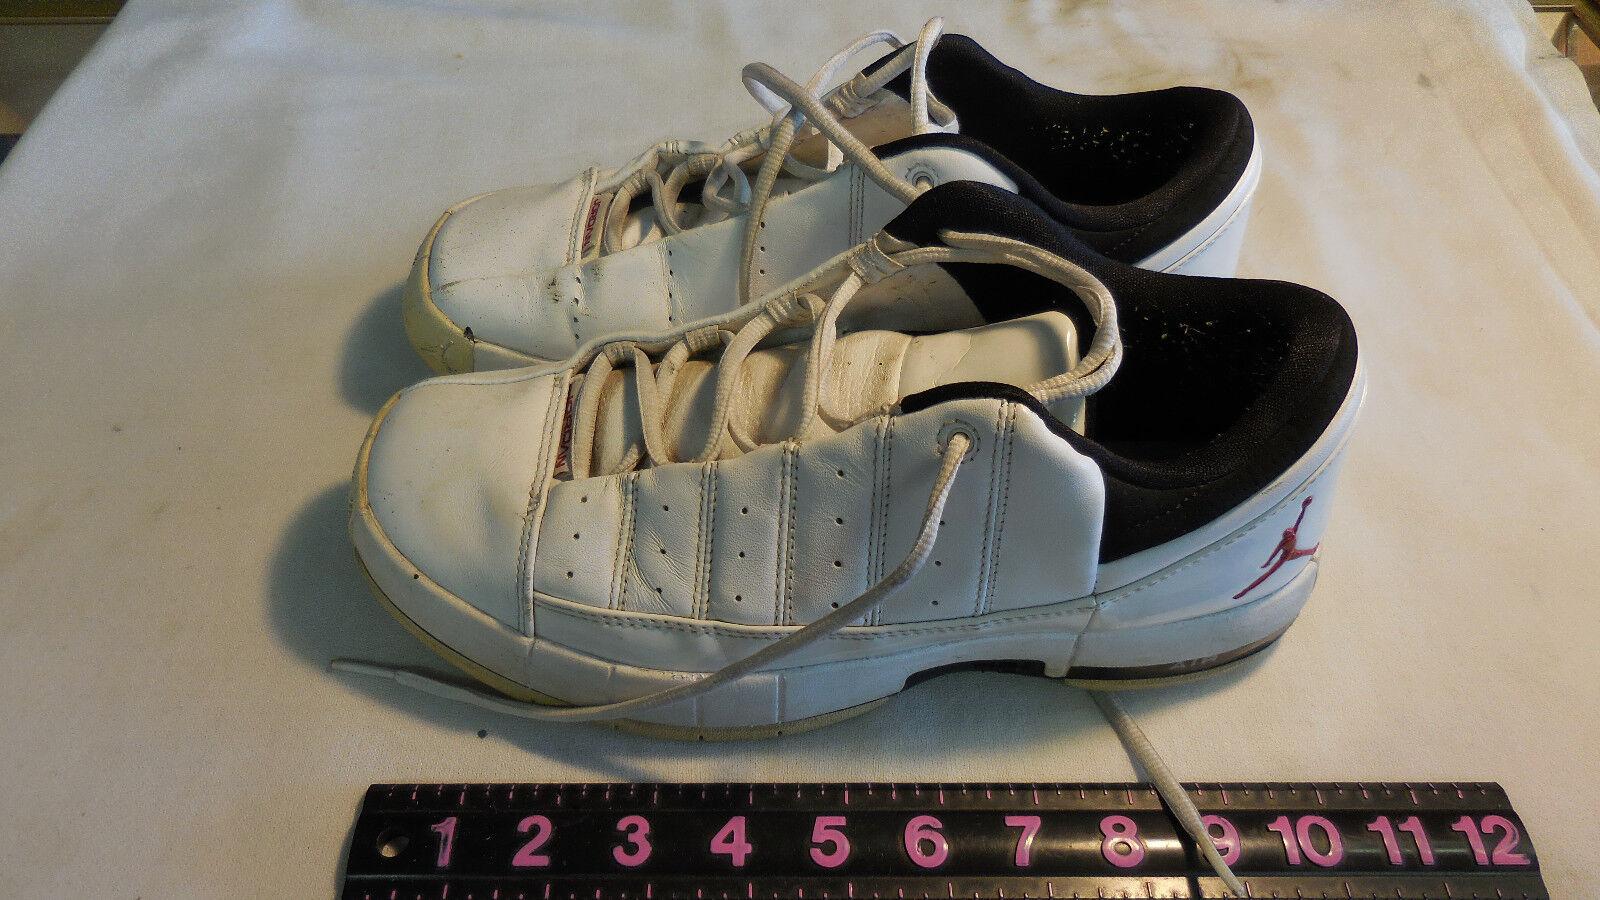 Men's Nike Air Jordan TE2  low top basketball shoes size 8 Cheap and beautiful fashion